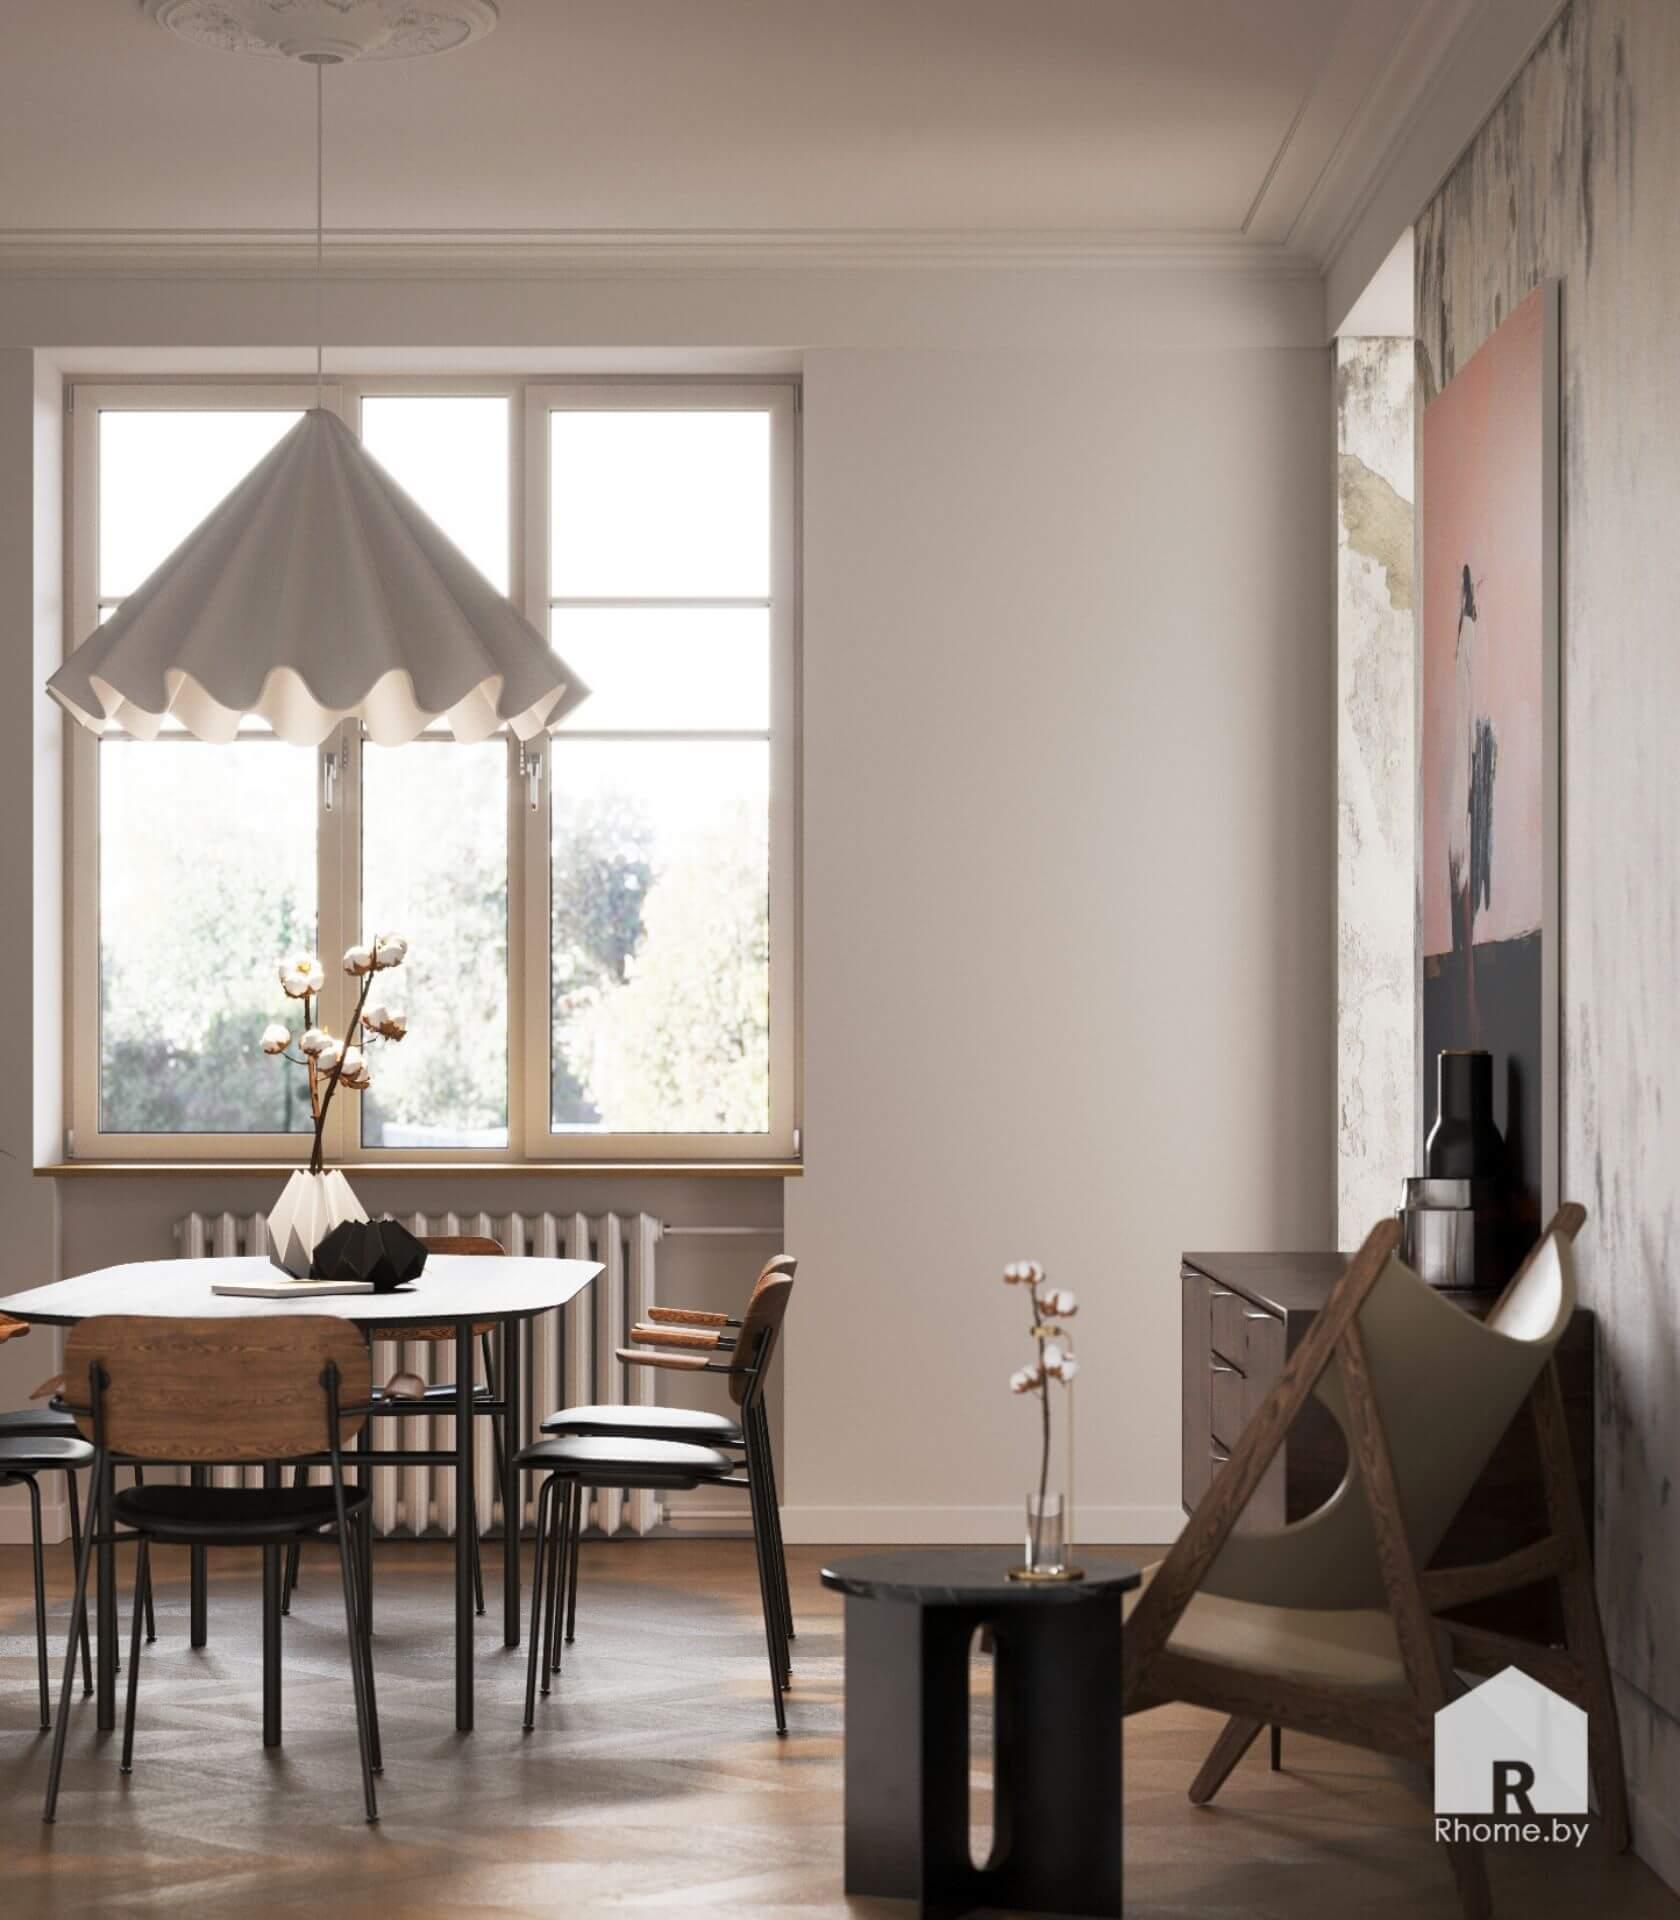 Обеденный стол на фоне окна, над которым расположен белый светильник похожий на юбку.